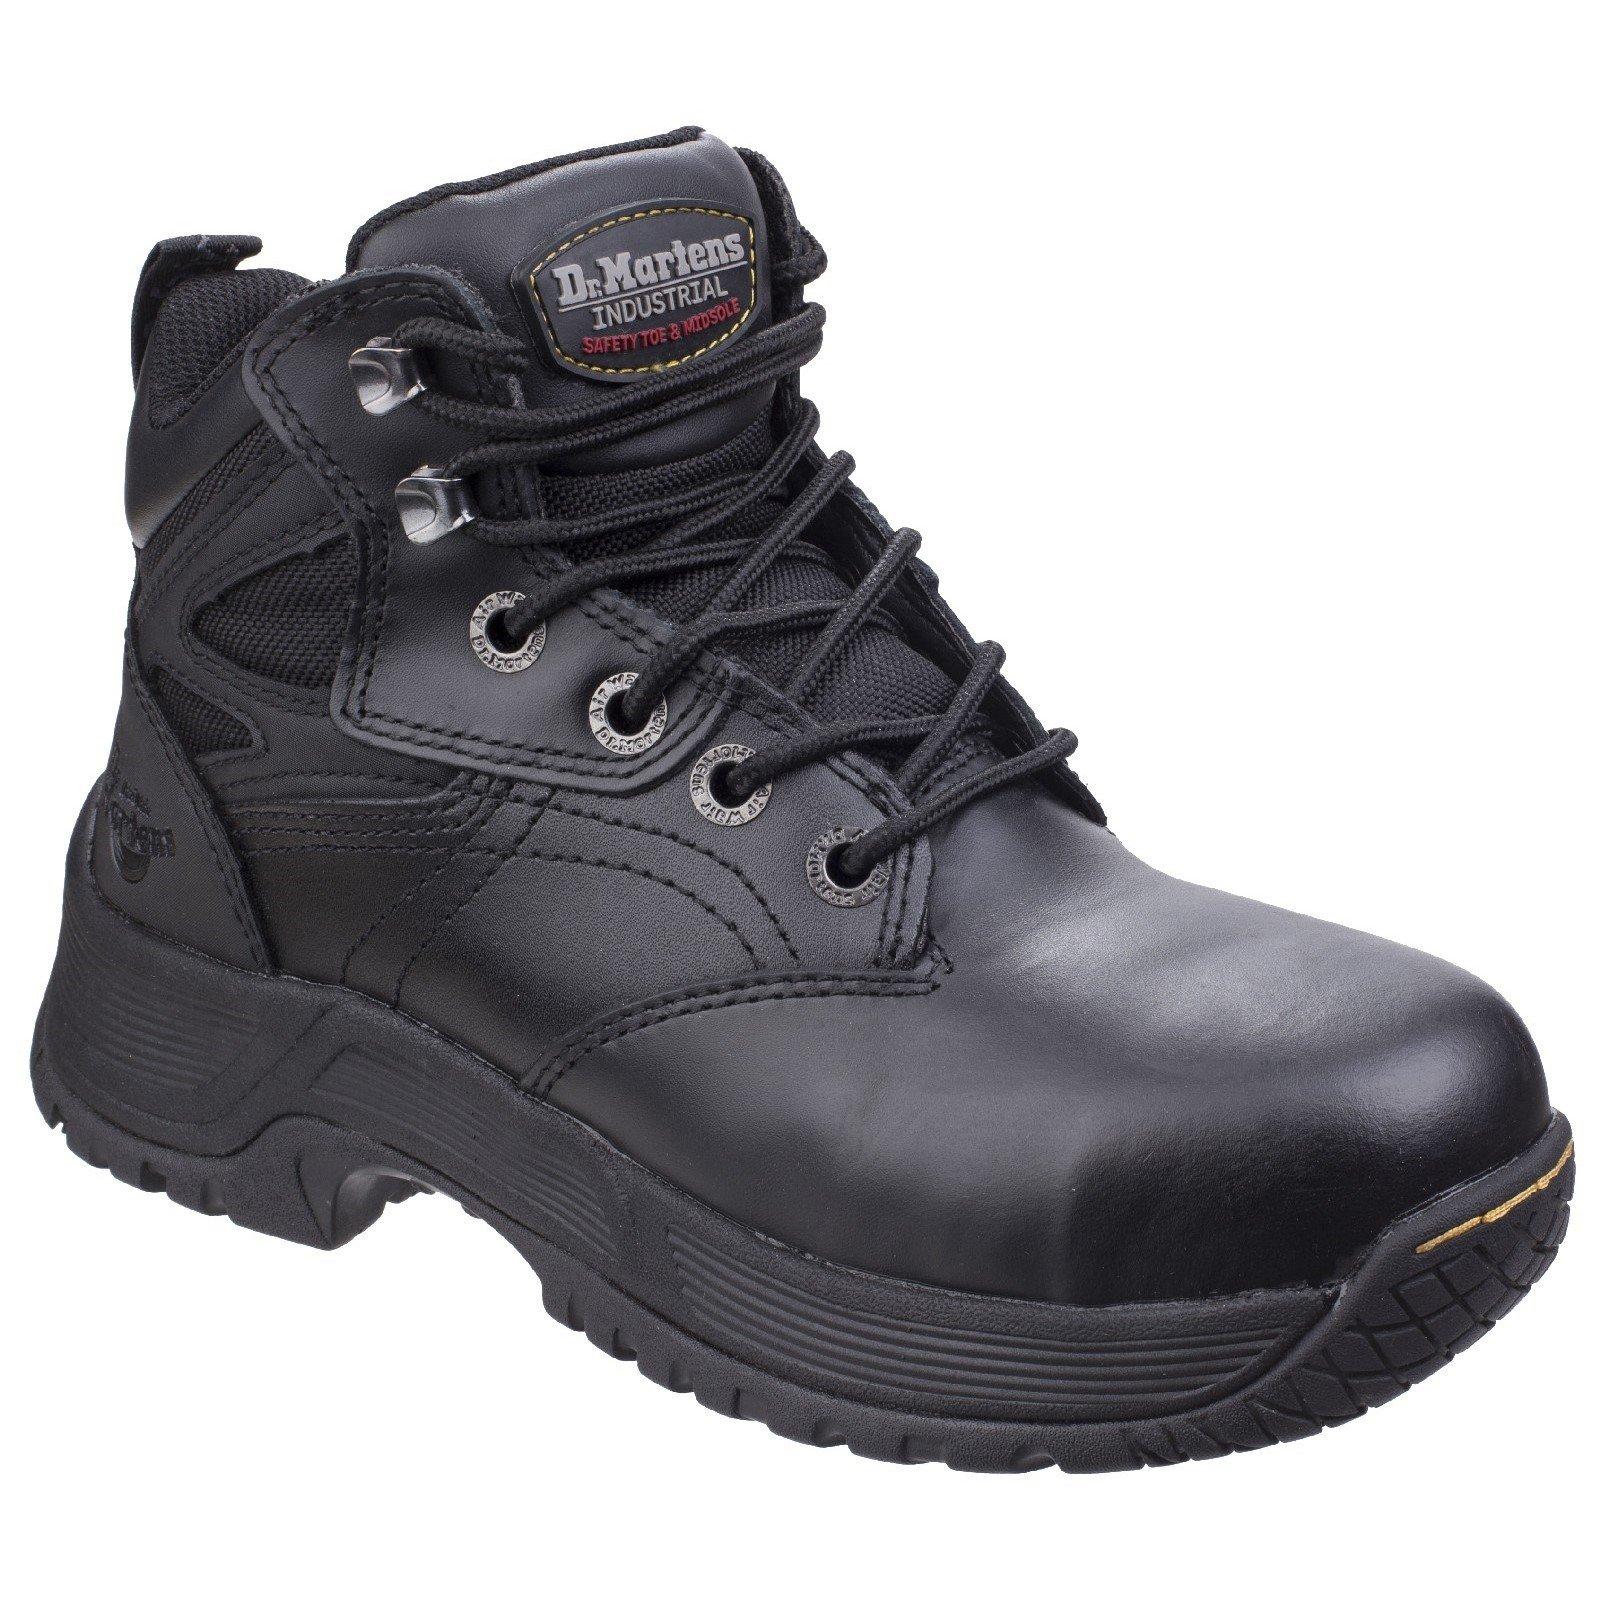 Dr Martens Men's Torness Safety Boot Black 26020 - Black 10